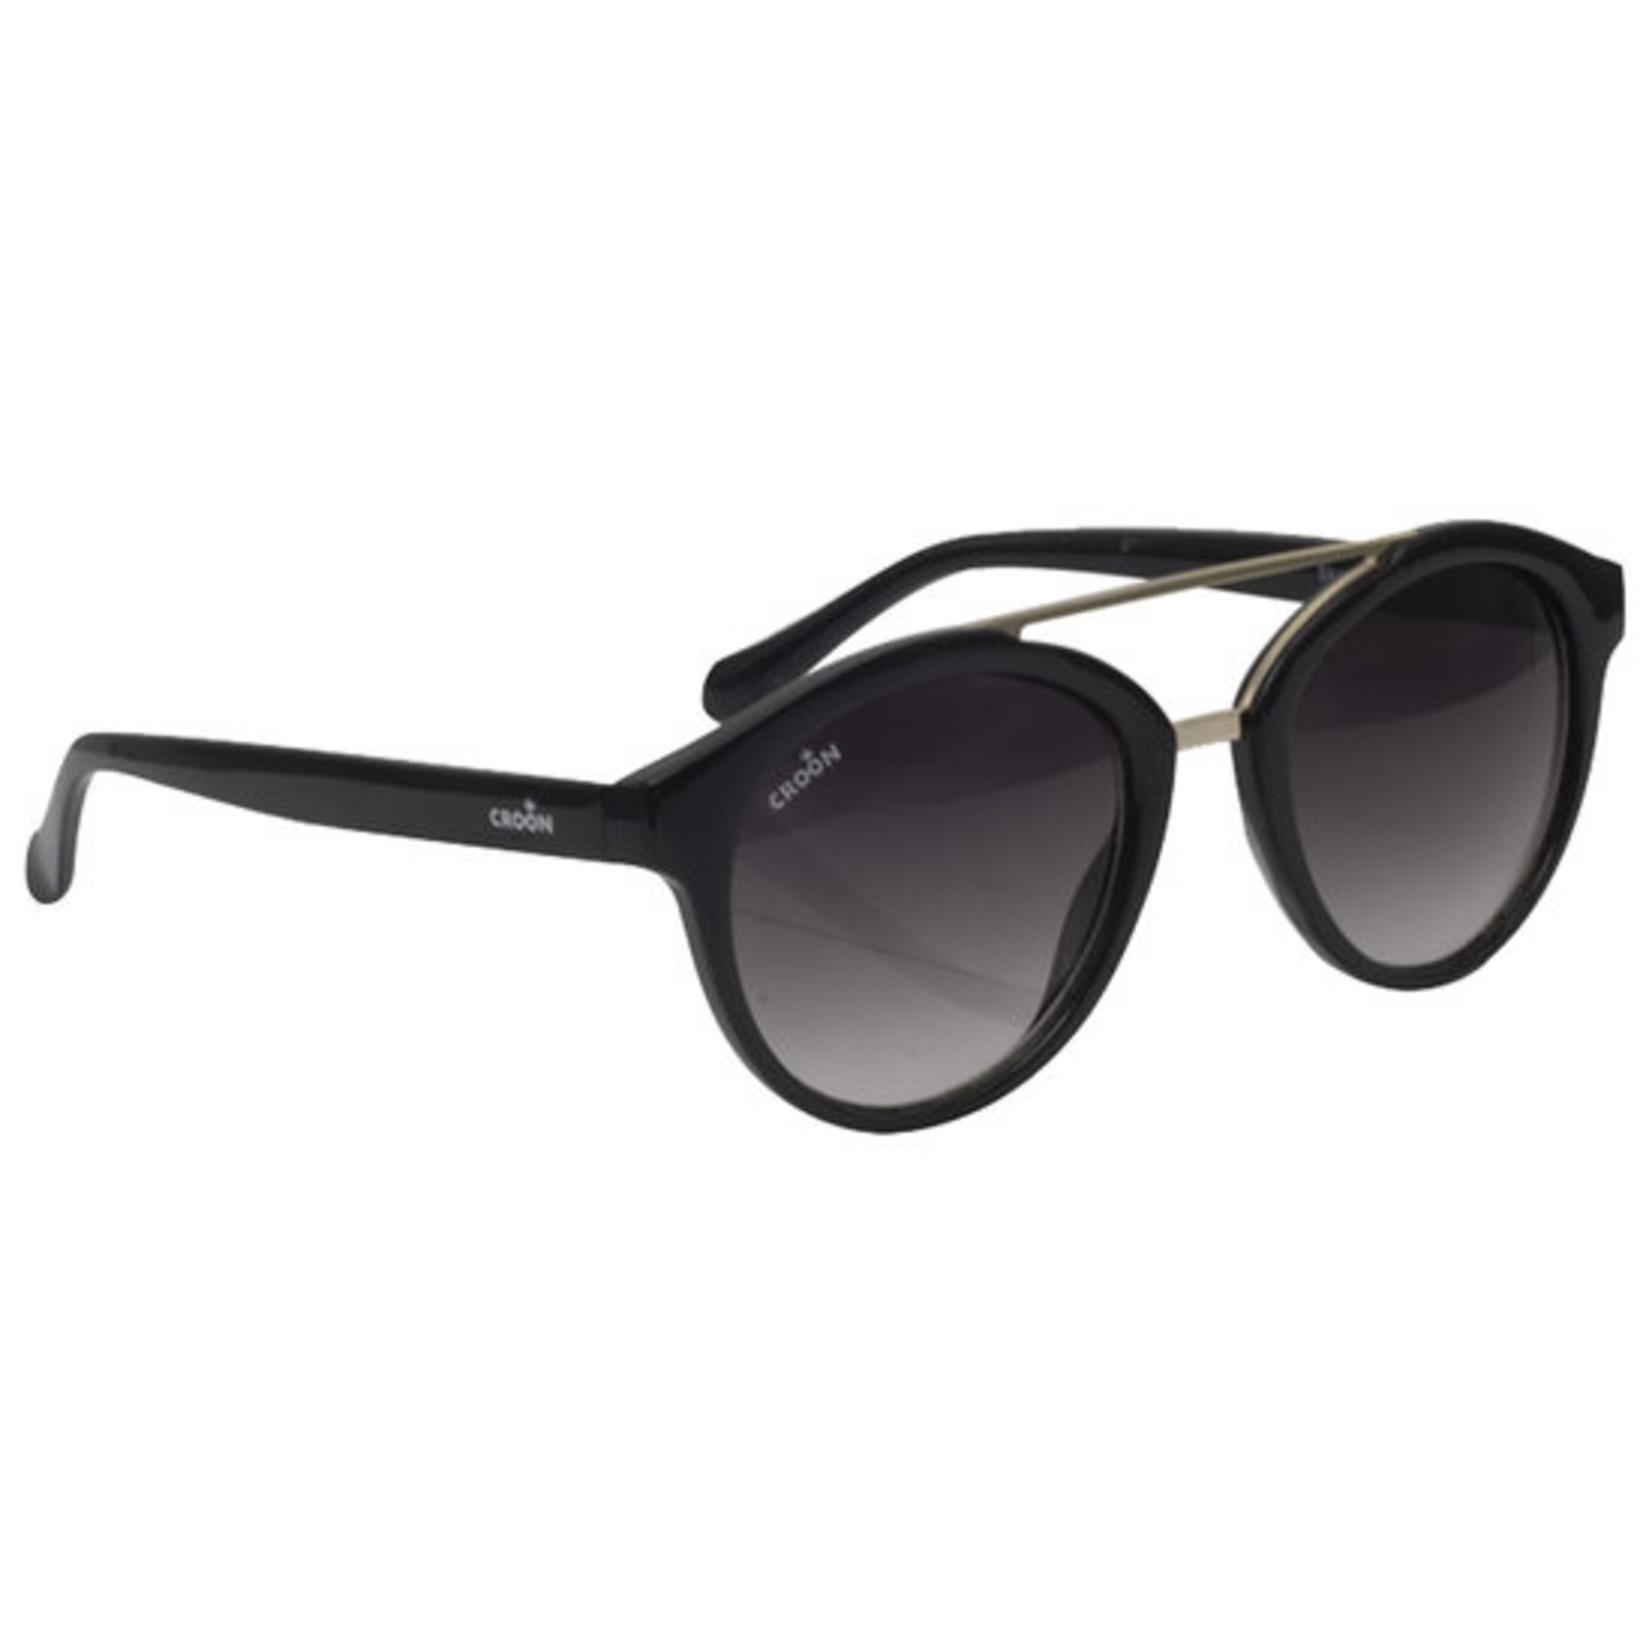 Croon Skye Shiny Black zonnebril